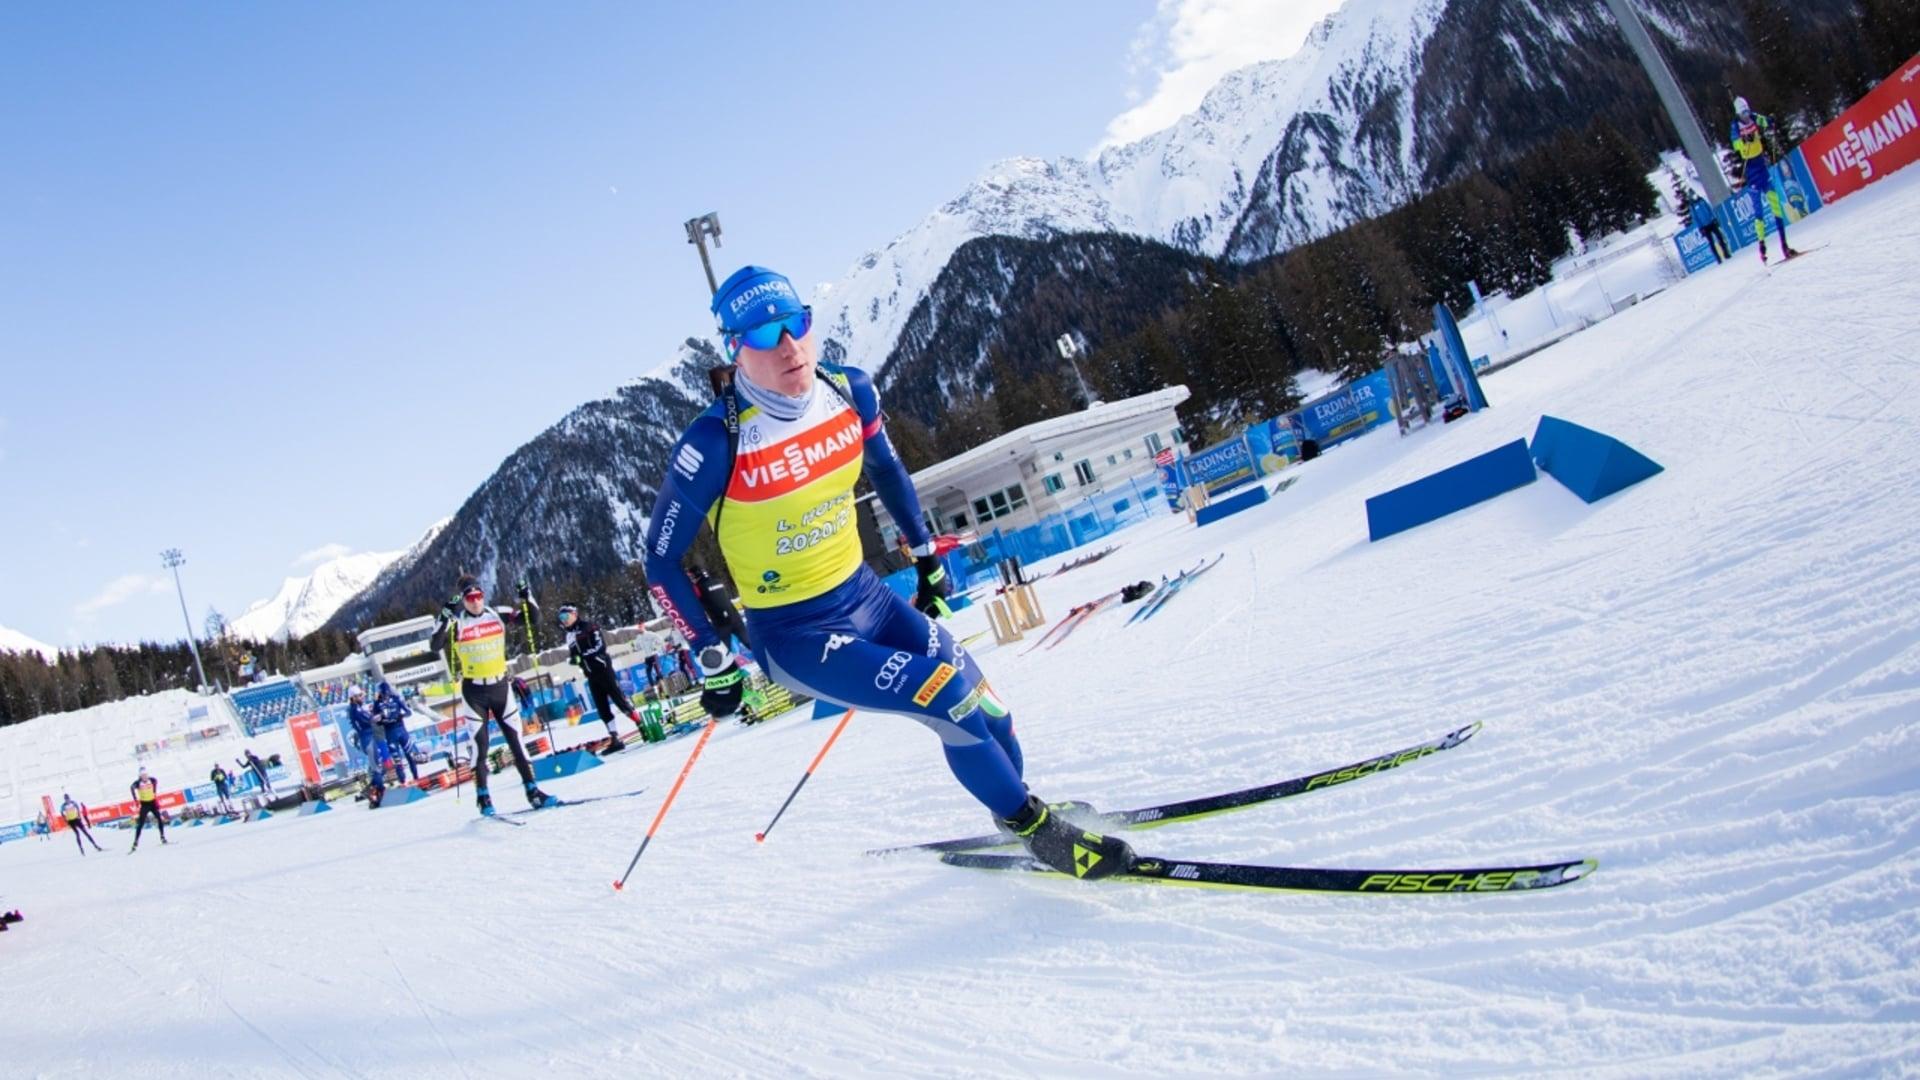 21.01.2021 - Wer kann die norwegischen Biathleten stoppen?